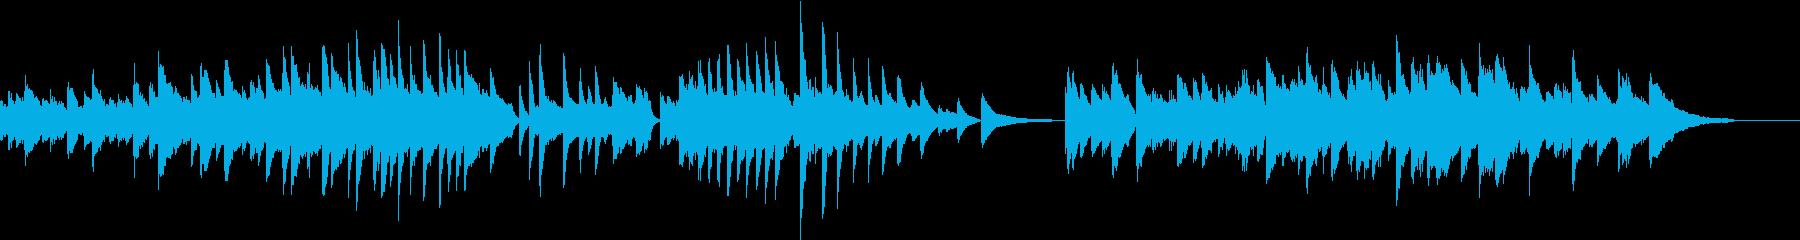 ワクワクさせるピアノ曲の再生済みの波形